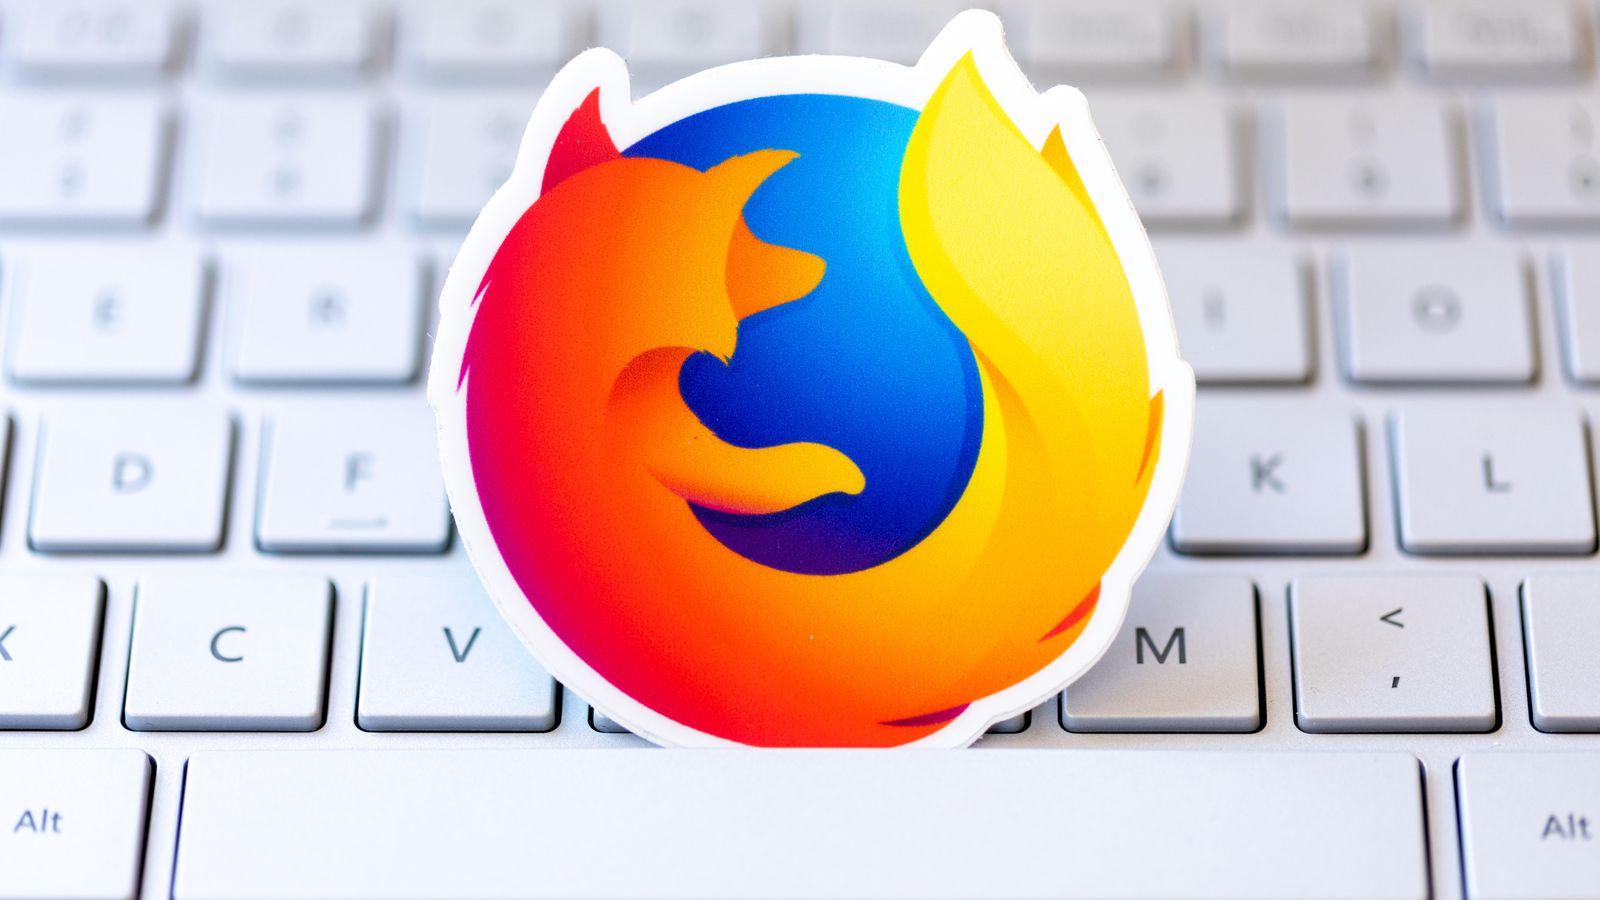 فايرفوكس توفر خدمة Firefox Monitor لحماية المستخدمين من الاختراق